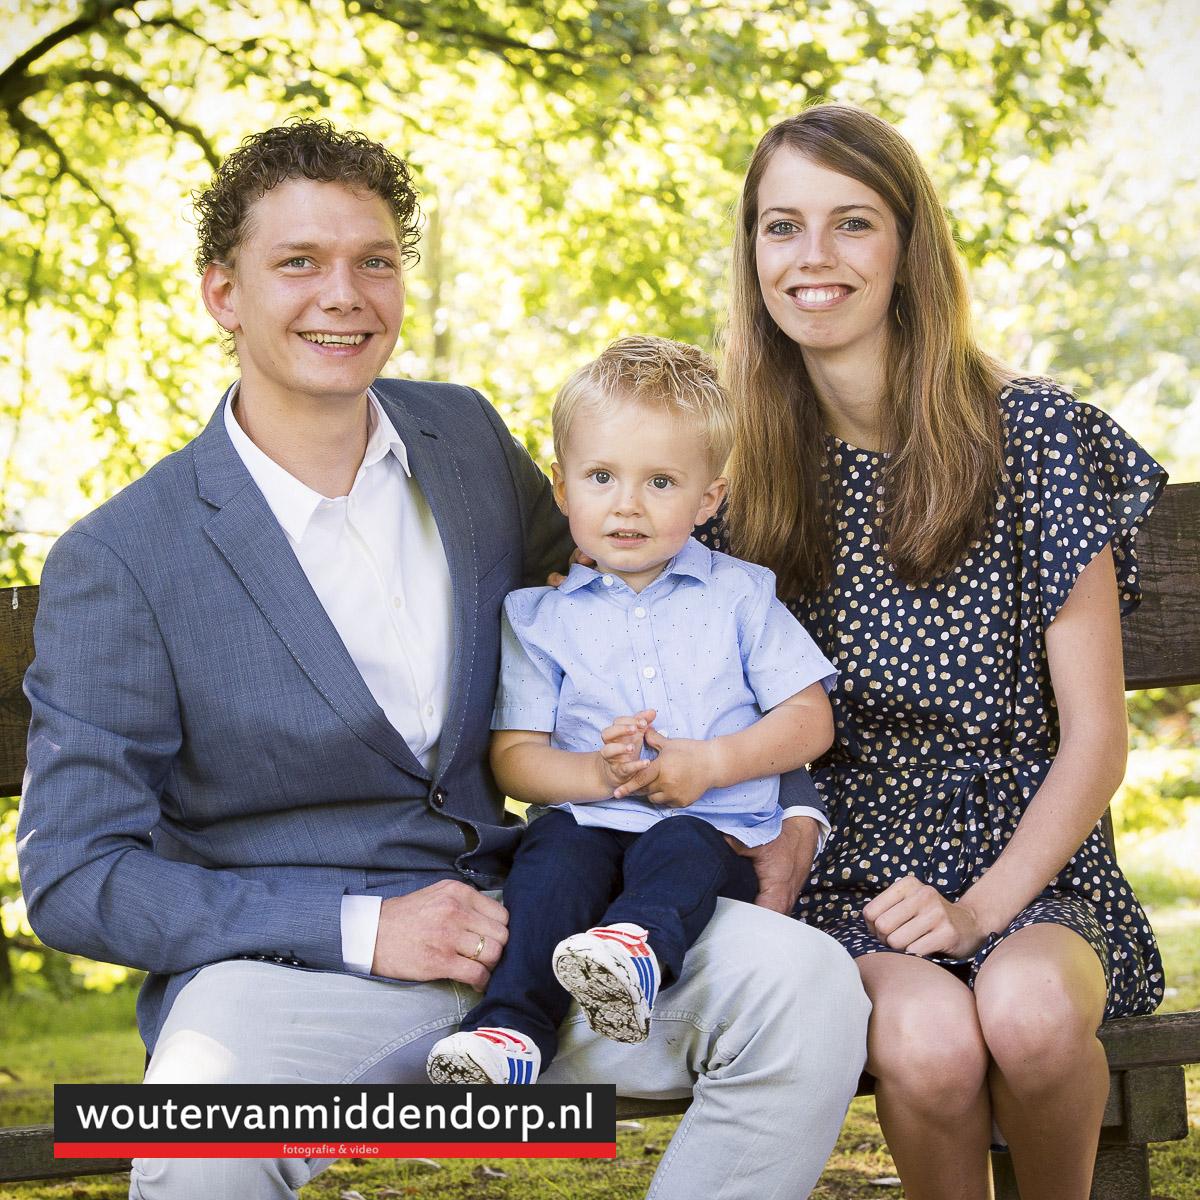 fotografie, Wouter van Middendorp, omgeving Staverden, Uddel, Veluwe, Nunspeet, Putten (7)